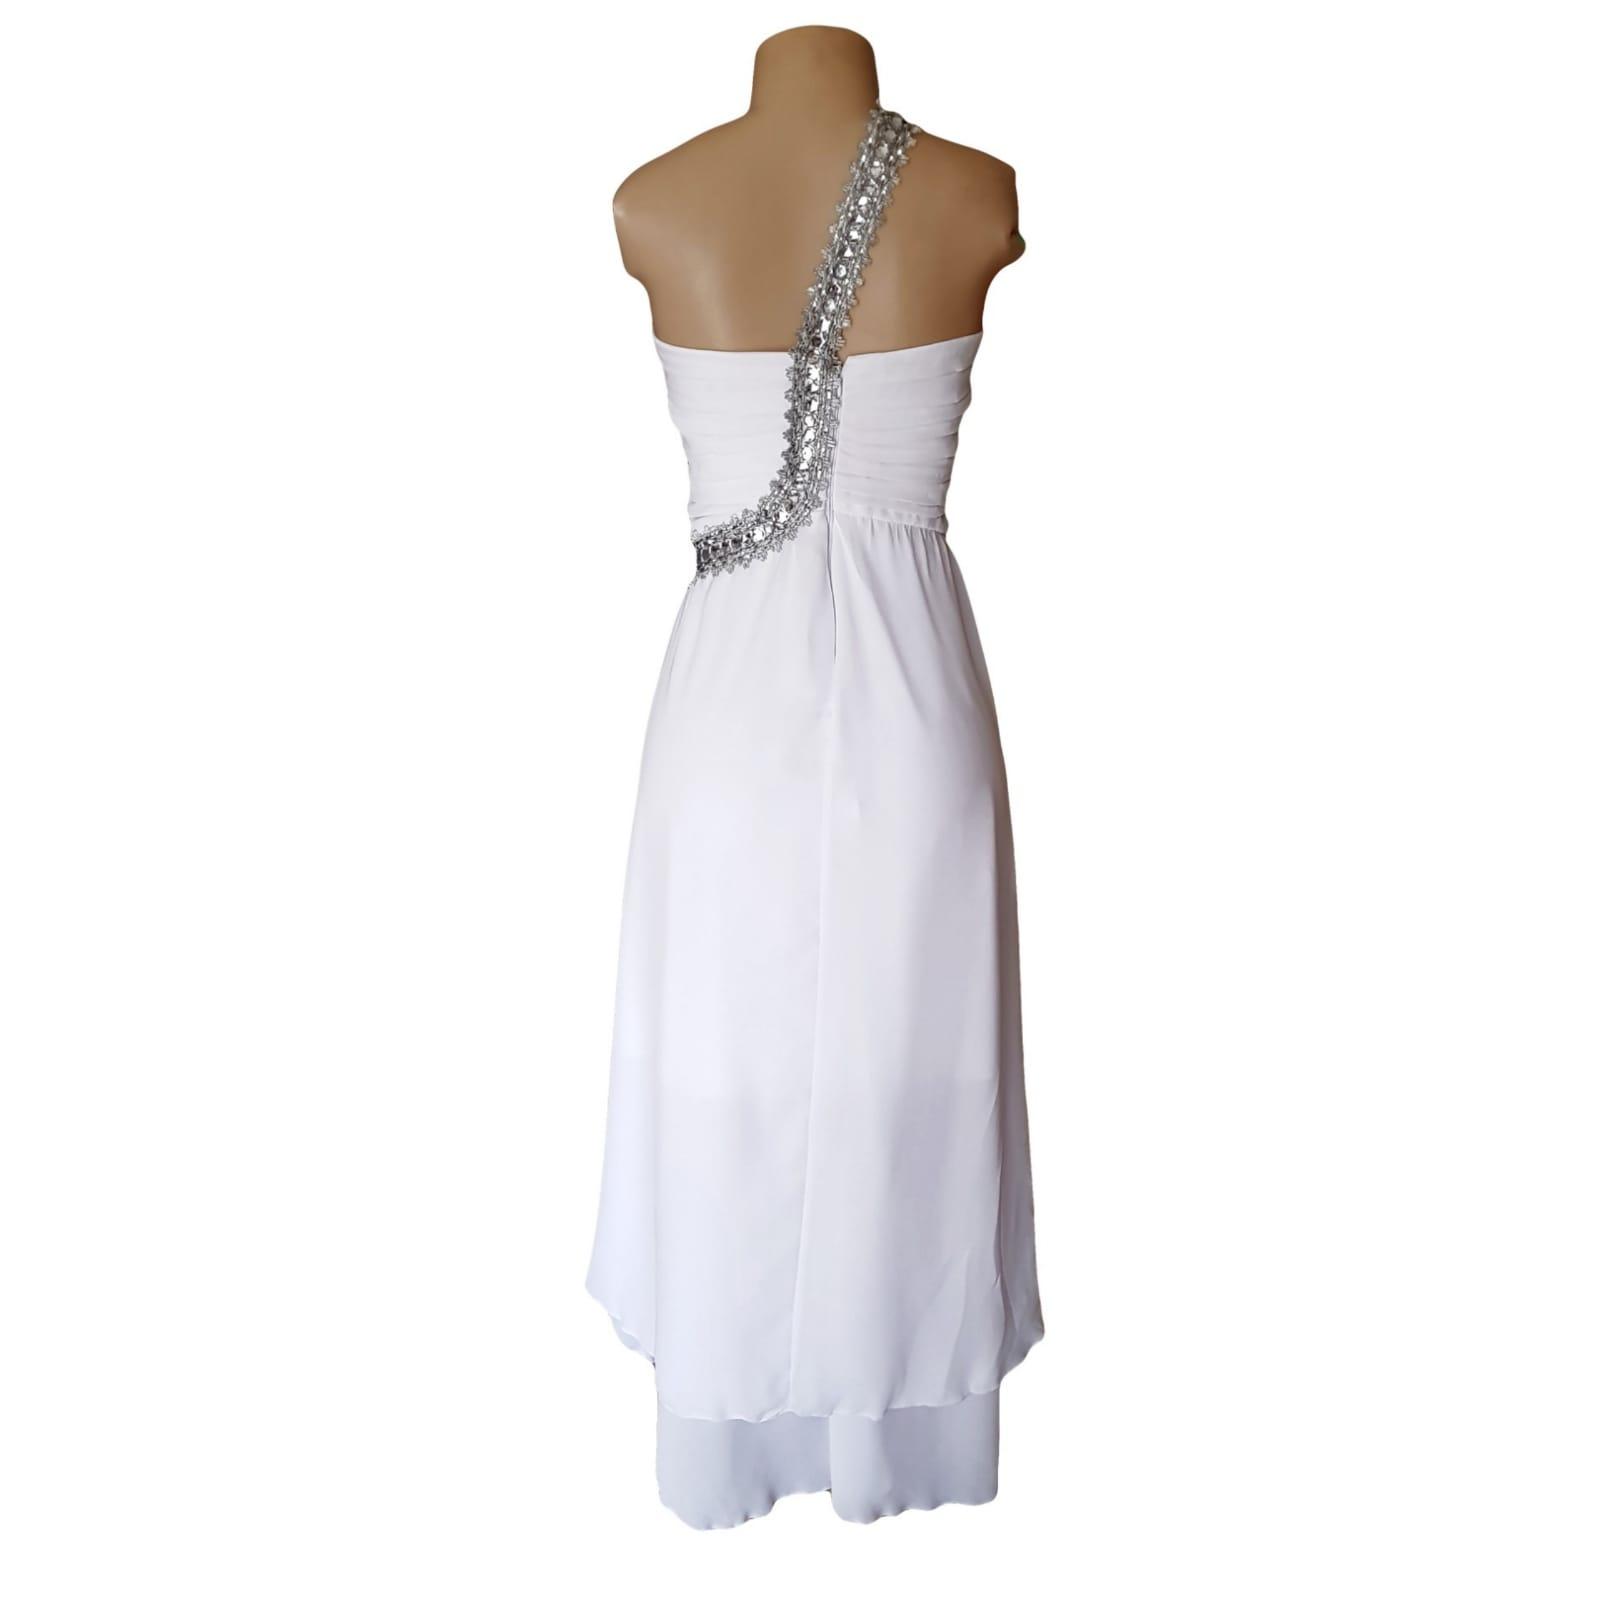 Vestido de casamento de noiva com corpete reunido 5 vestido de casamento de noiva com corpete reunido, com alça de prata em um ângulo da cintura sobre o ombro para trás. Vestido de noiva de chiffon com uma camada dupla hi lo.